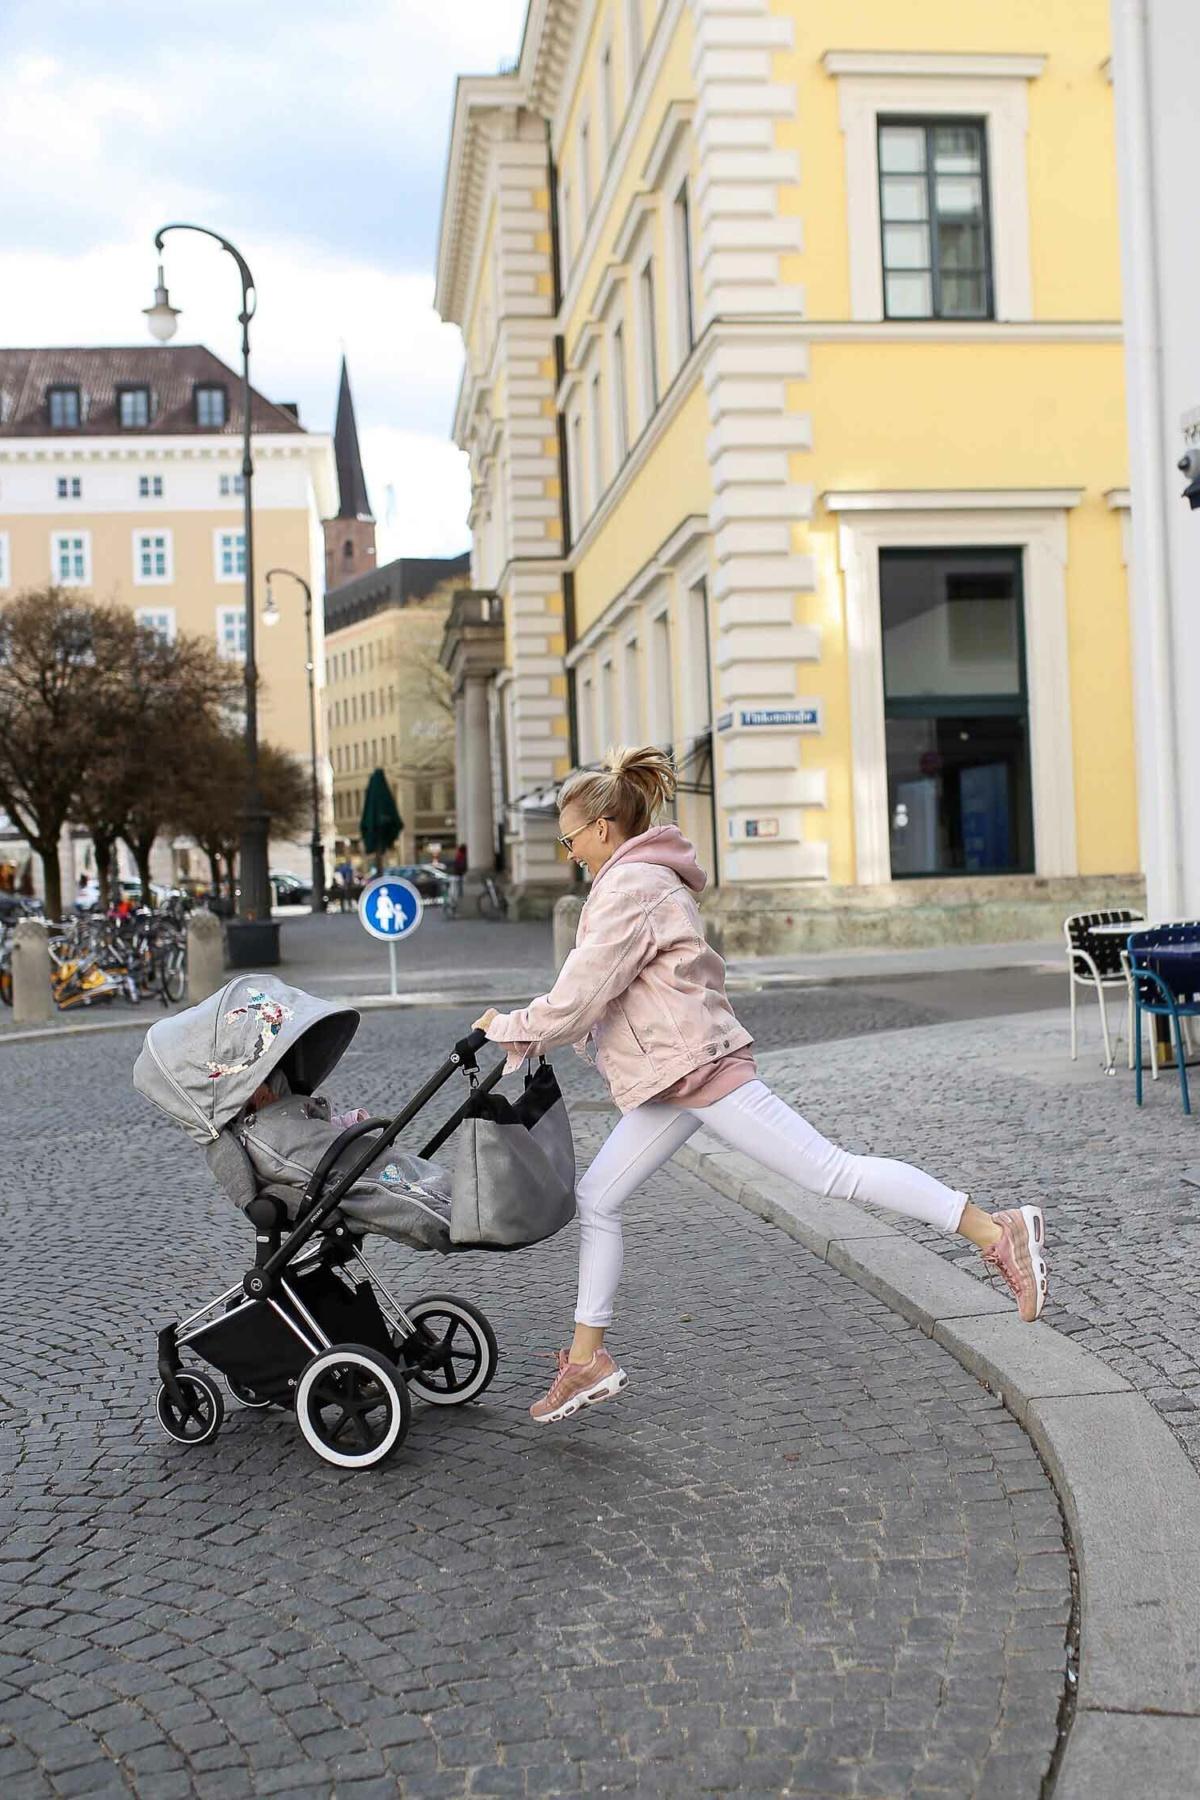 stylingliebe-lifestyleblogger-mamablog-fashionblog-muenchen-blogger-deutschland-lifestyleblog-mamablogger-fashionblogger-modeblog-die-cybex-koi-kollektion-ein-sicherer-kinderwagen-mit-style-1